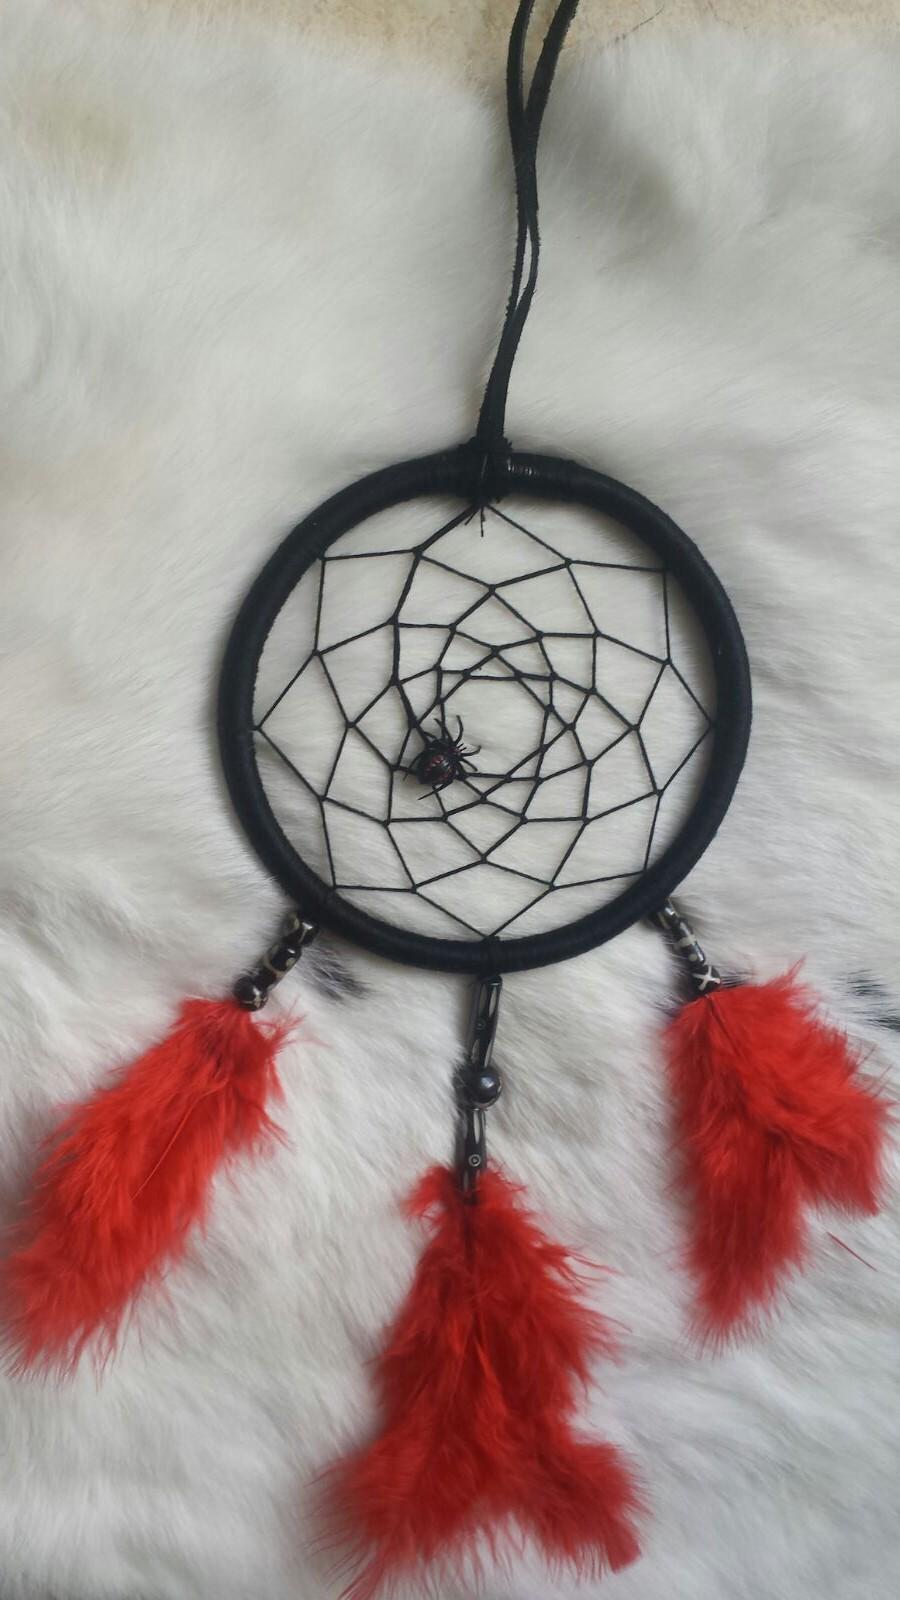 Traumfänger mit Spinne - schwarz rot